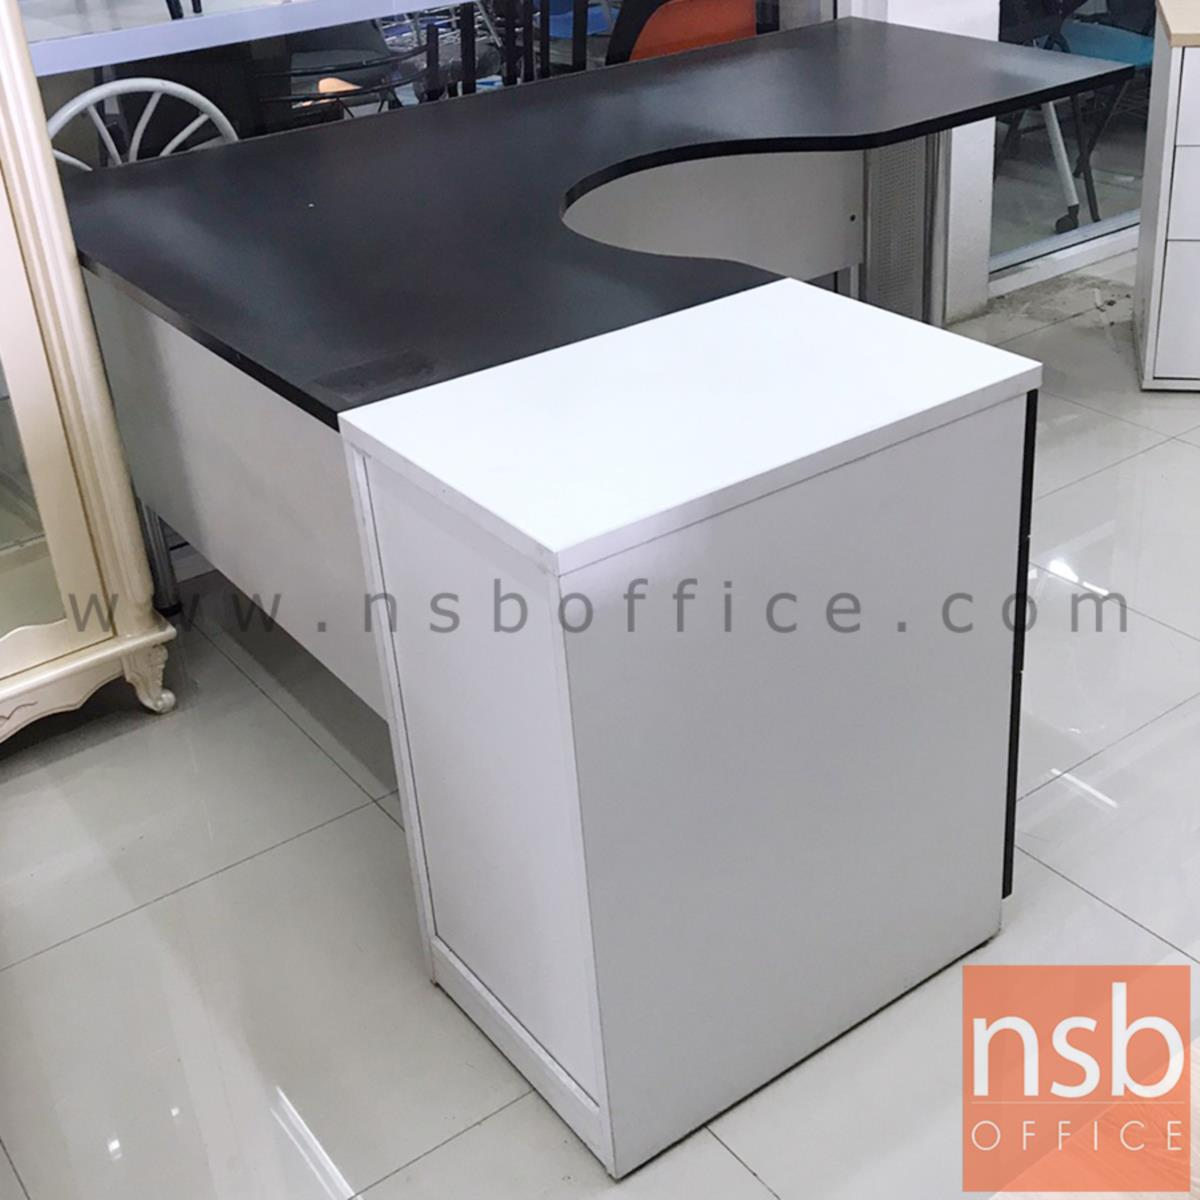 โต๊ะผู้บริหารตัวแอลหน้าโค้งเว้า 3 ลิ้นชัก   ขนาด 160W1*180W2 cm. ขาเหล็ก